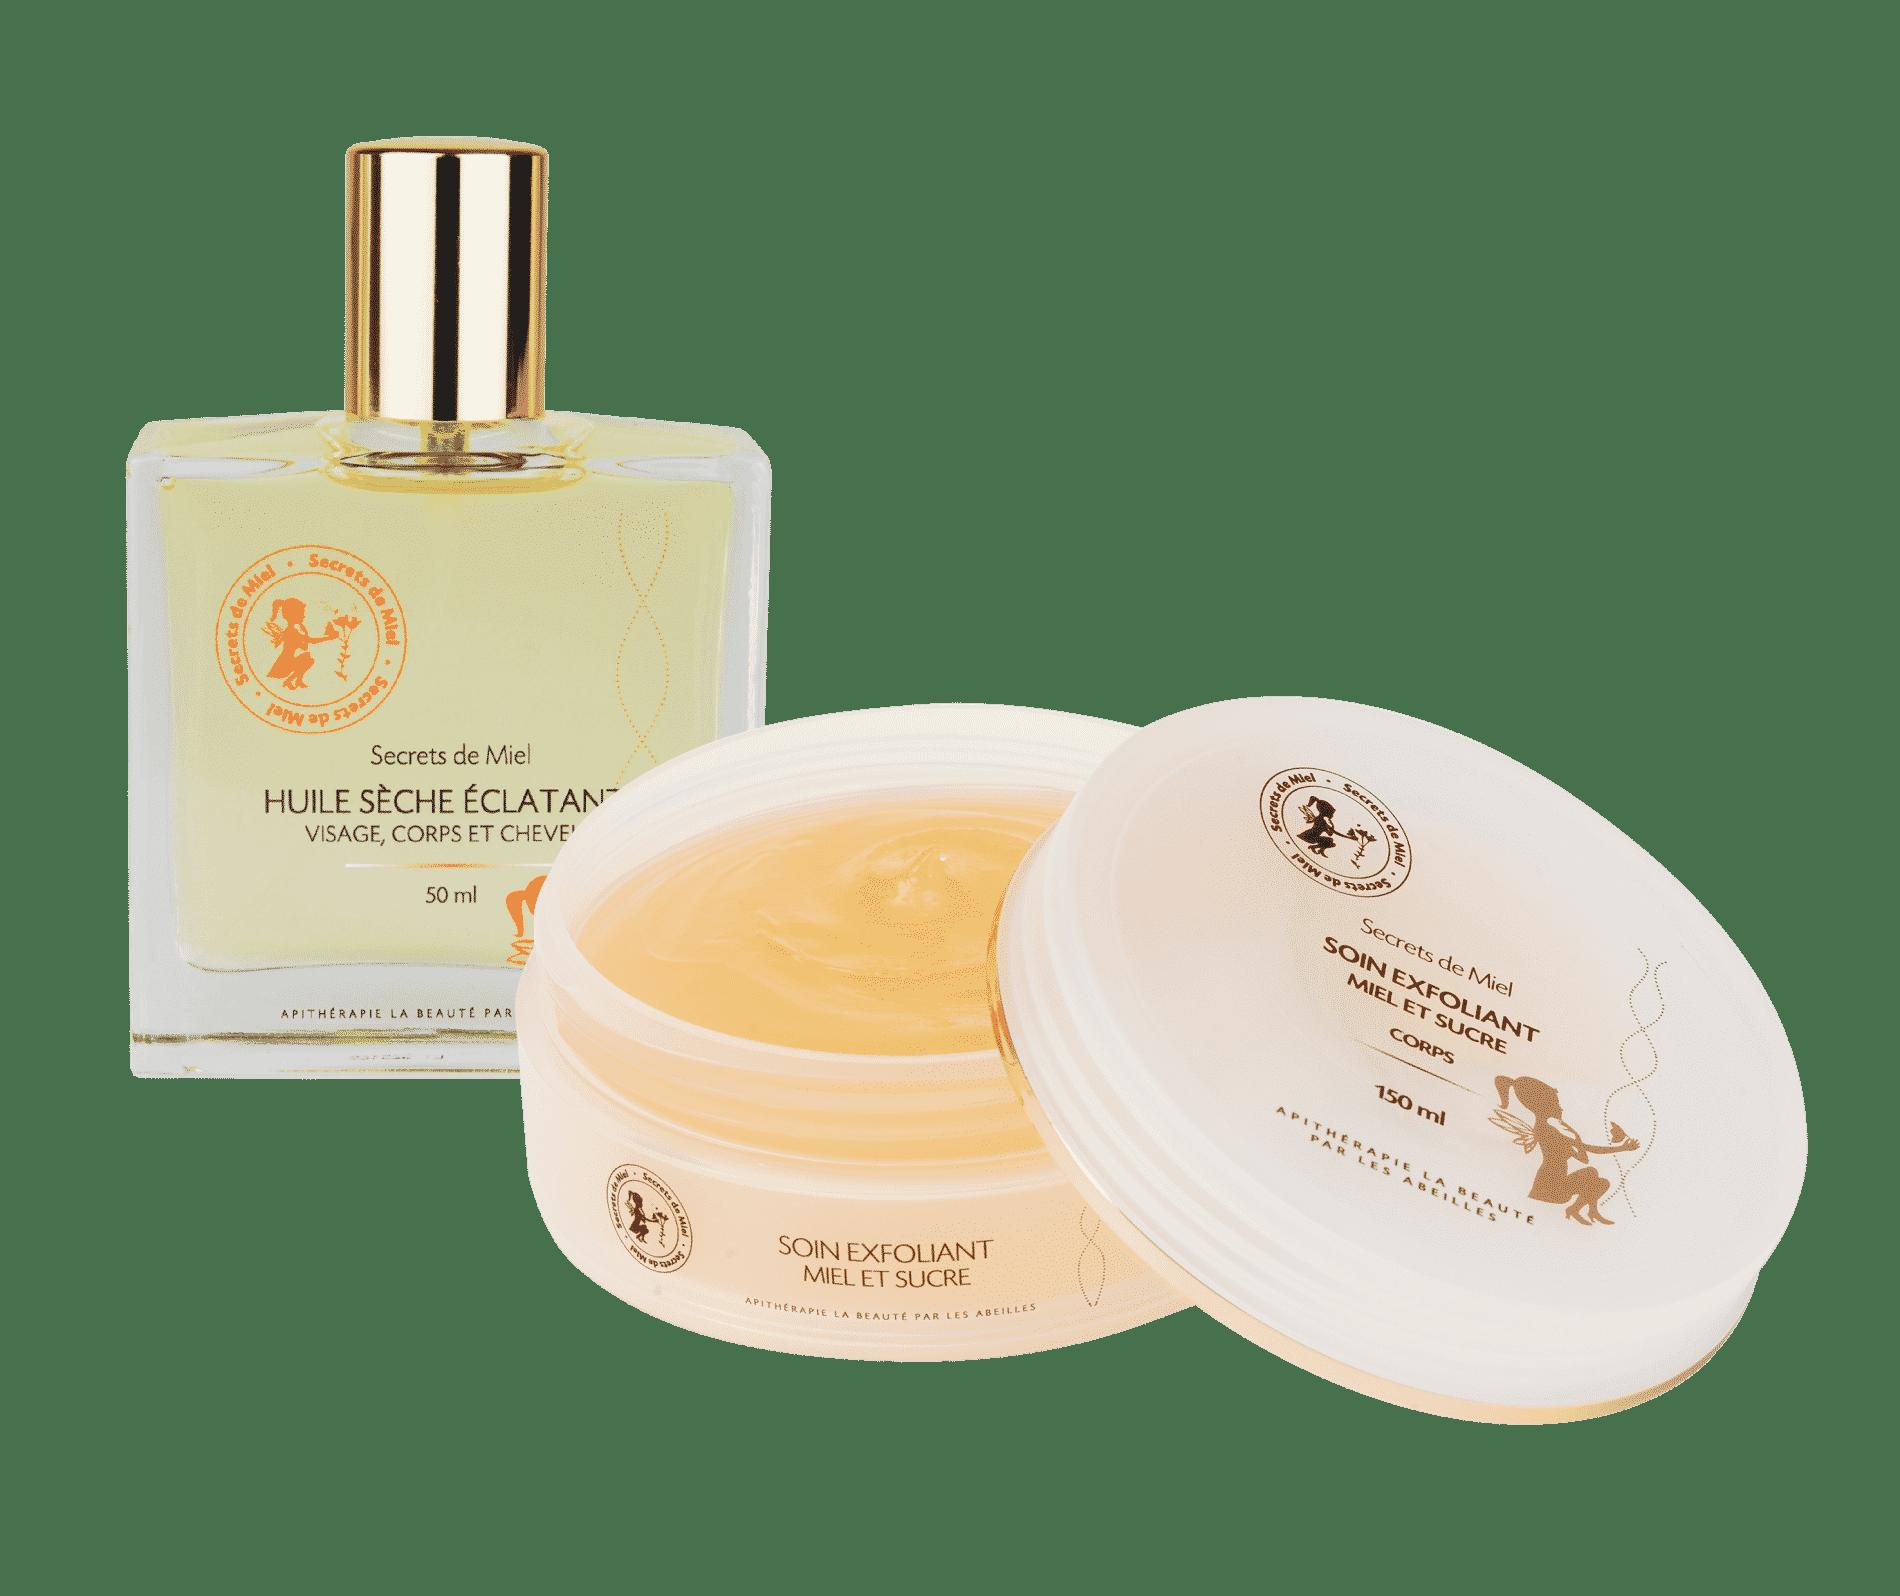 soin exfoliant miel et sucre - produits de la ruche - cosmétiques naturels - made in France - Huile sèche - huile corps et cheveux - produits hydratation corps